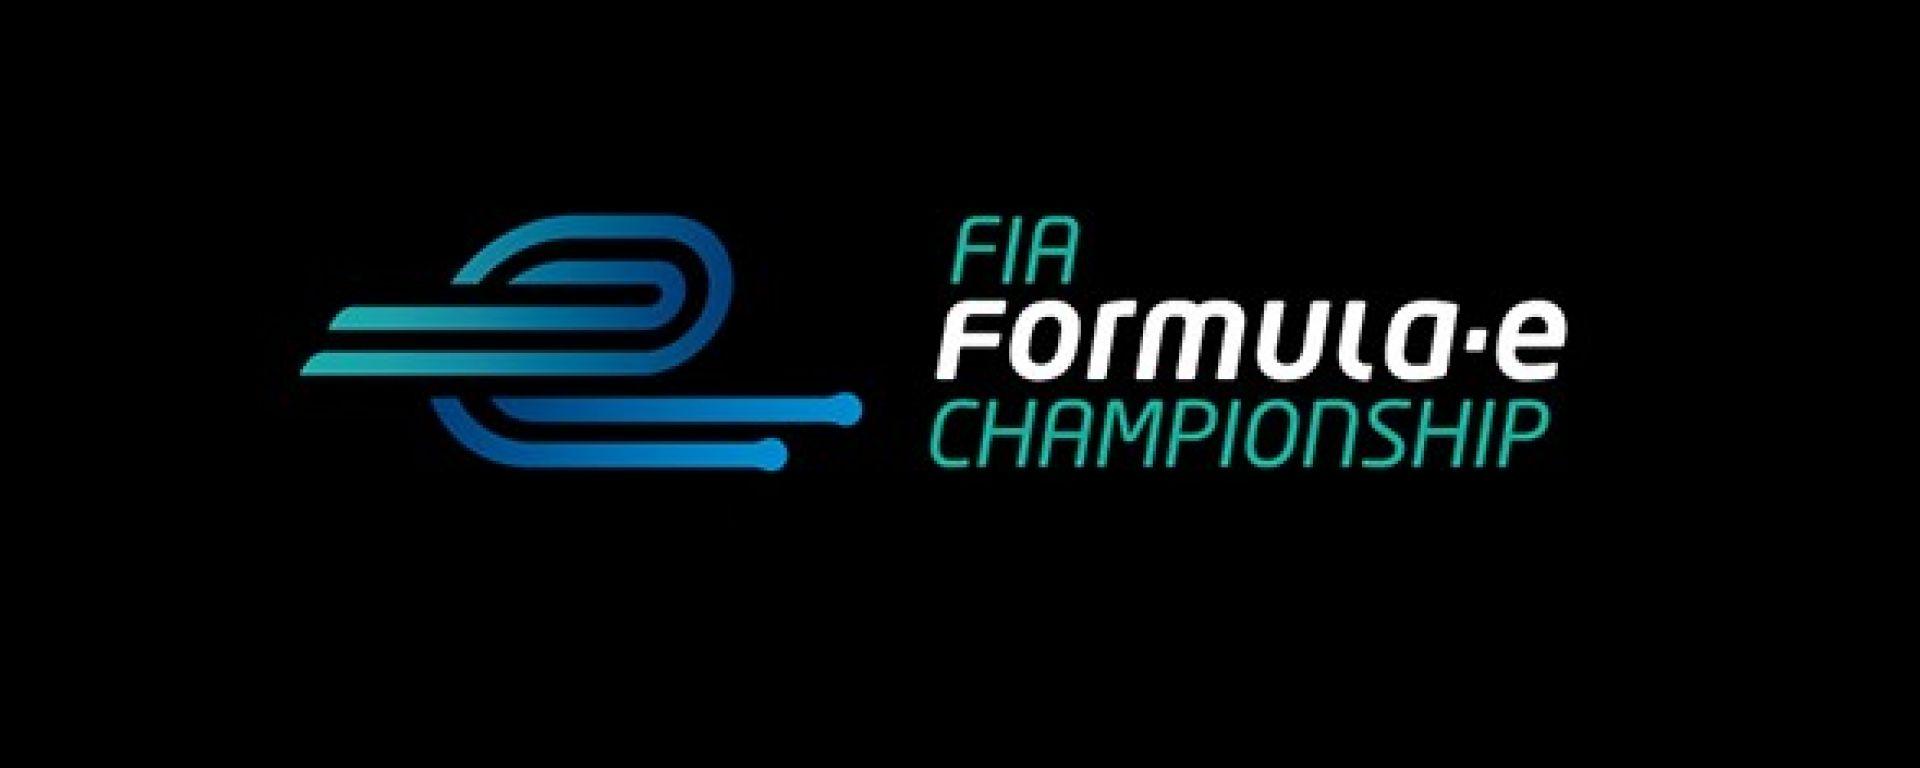 Classifiche FIA Formula E 2017/2018